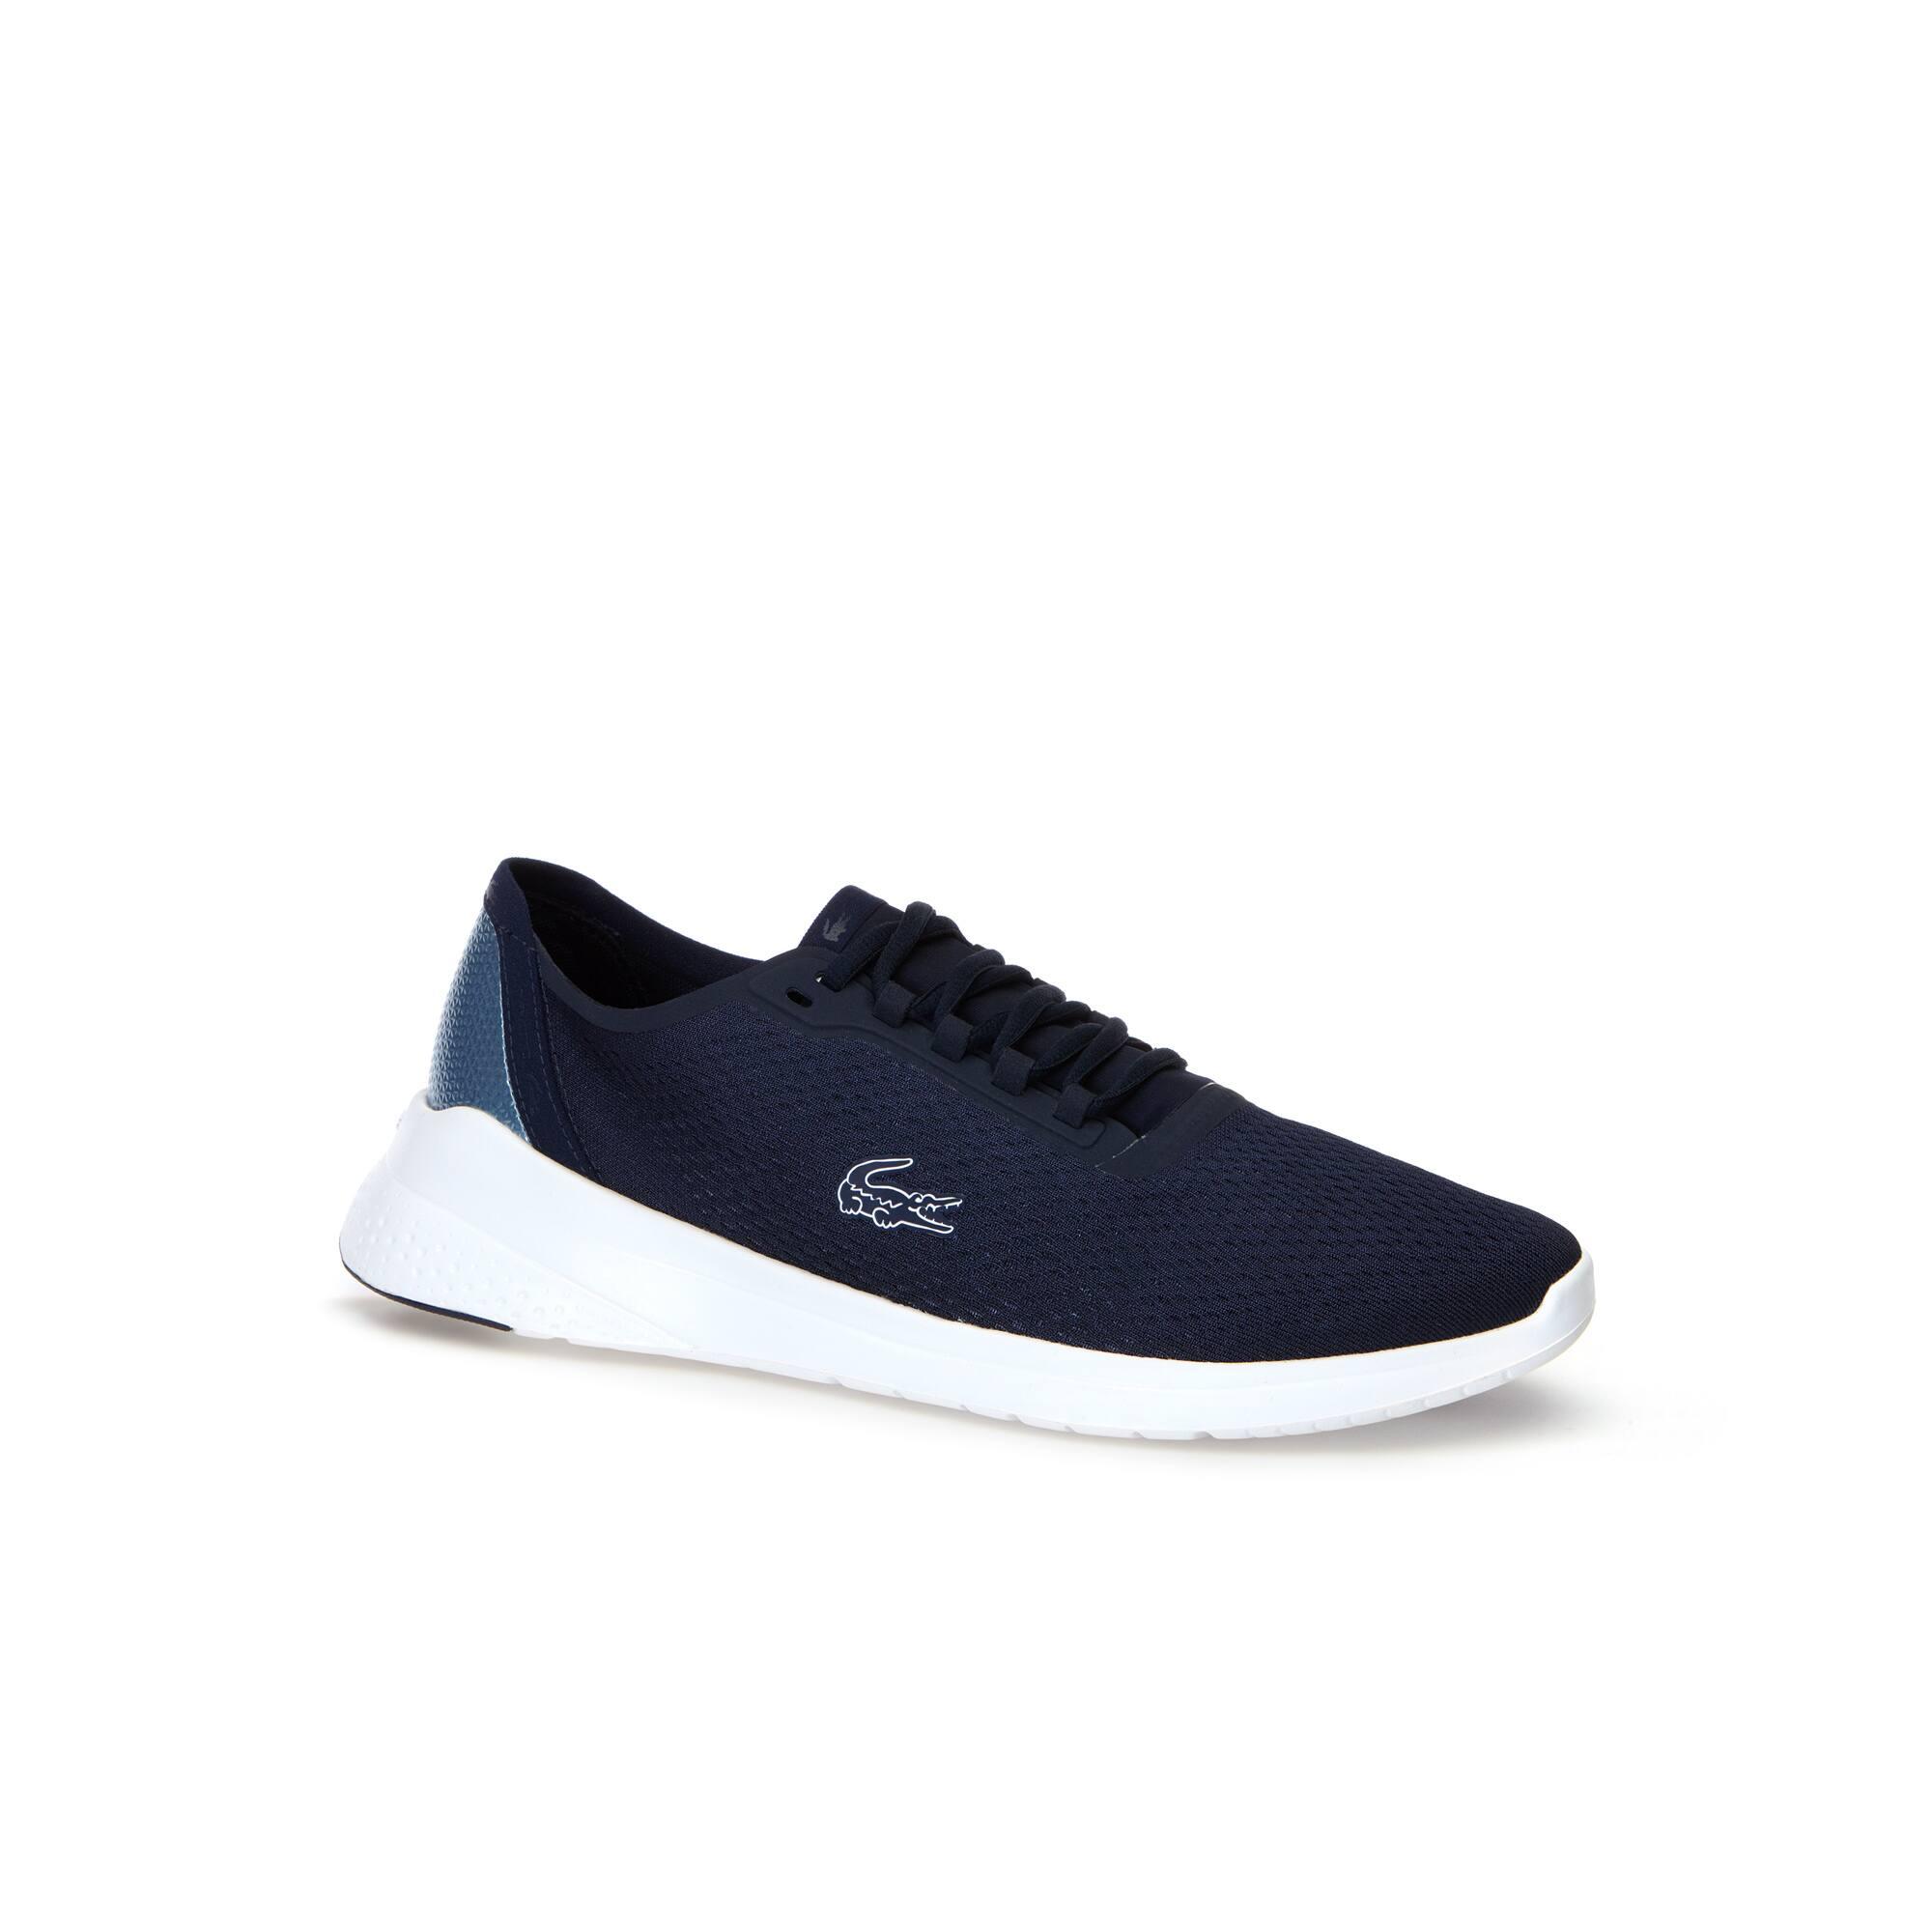 حذاء LT Fit الرياضي للرجال